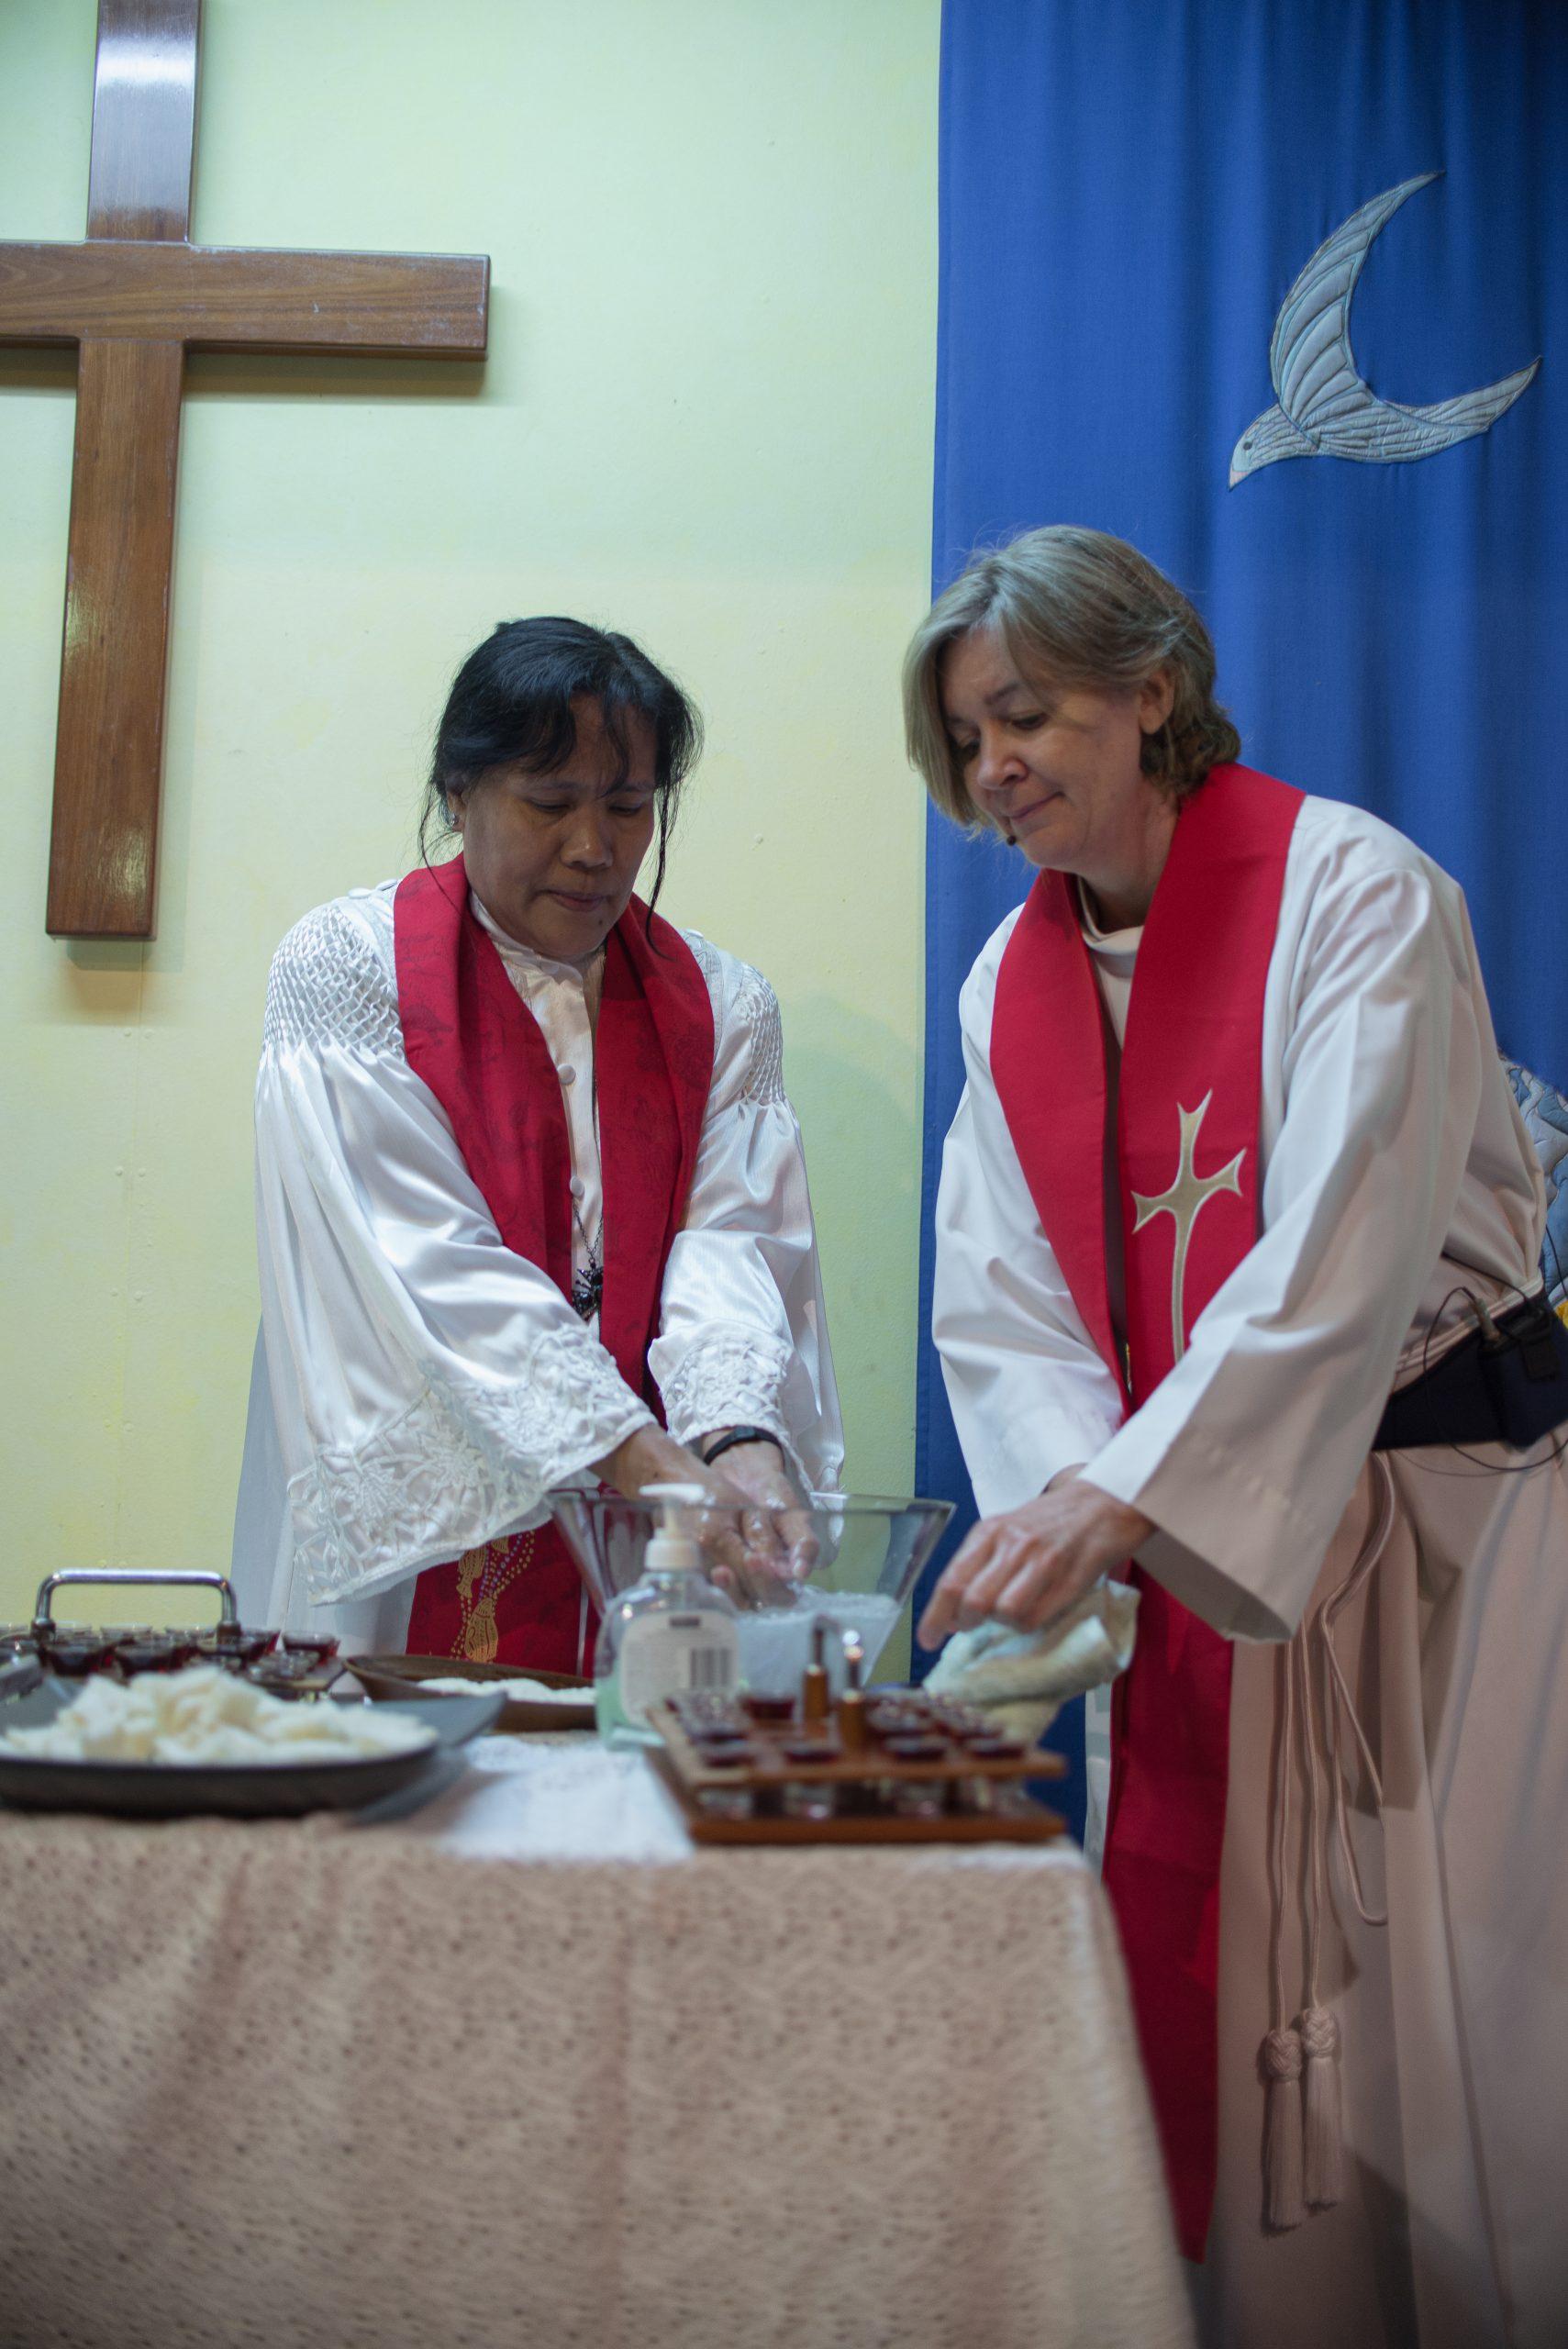 Rosalie-ordination-166-scaled